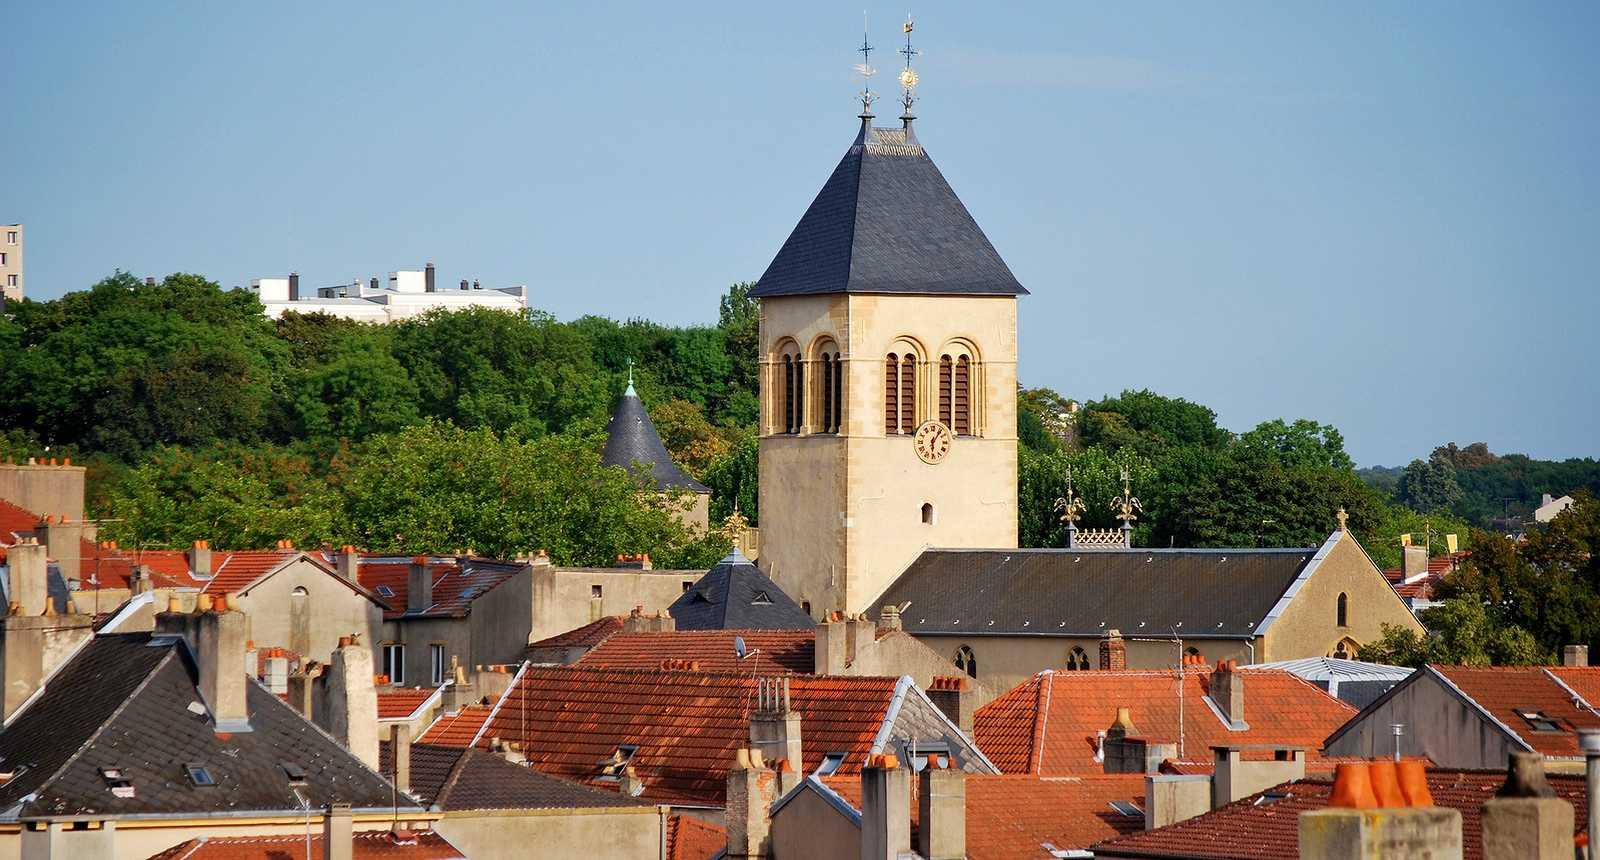 Les toits et l'église Saint-Eucaire de Metz